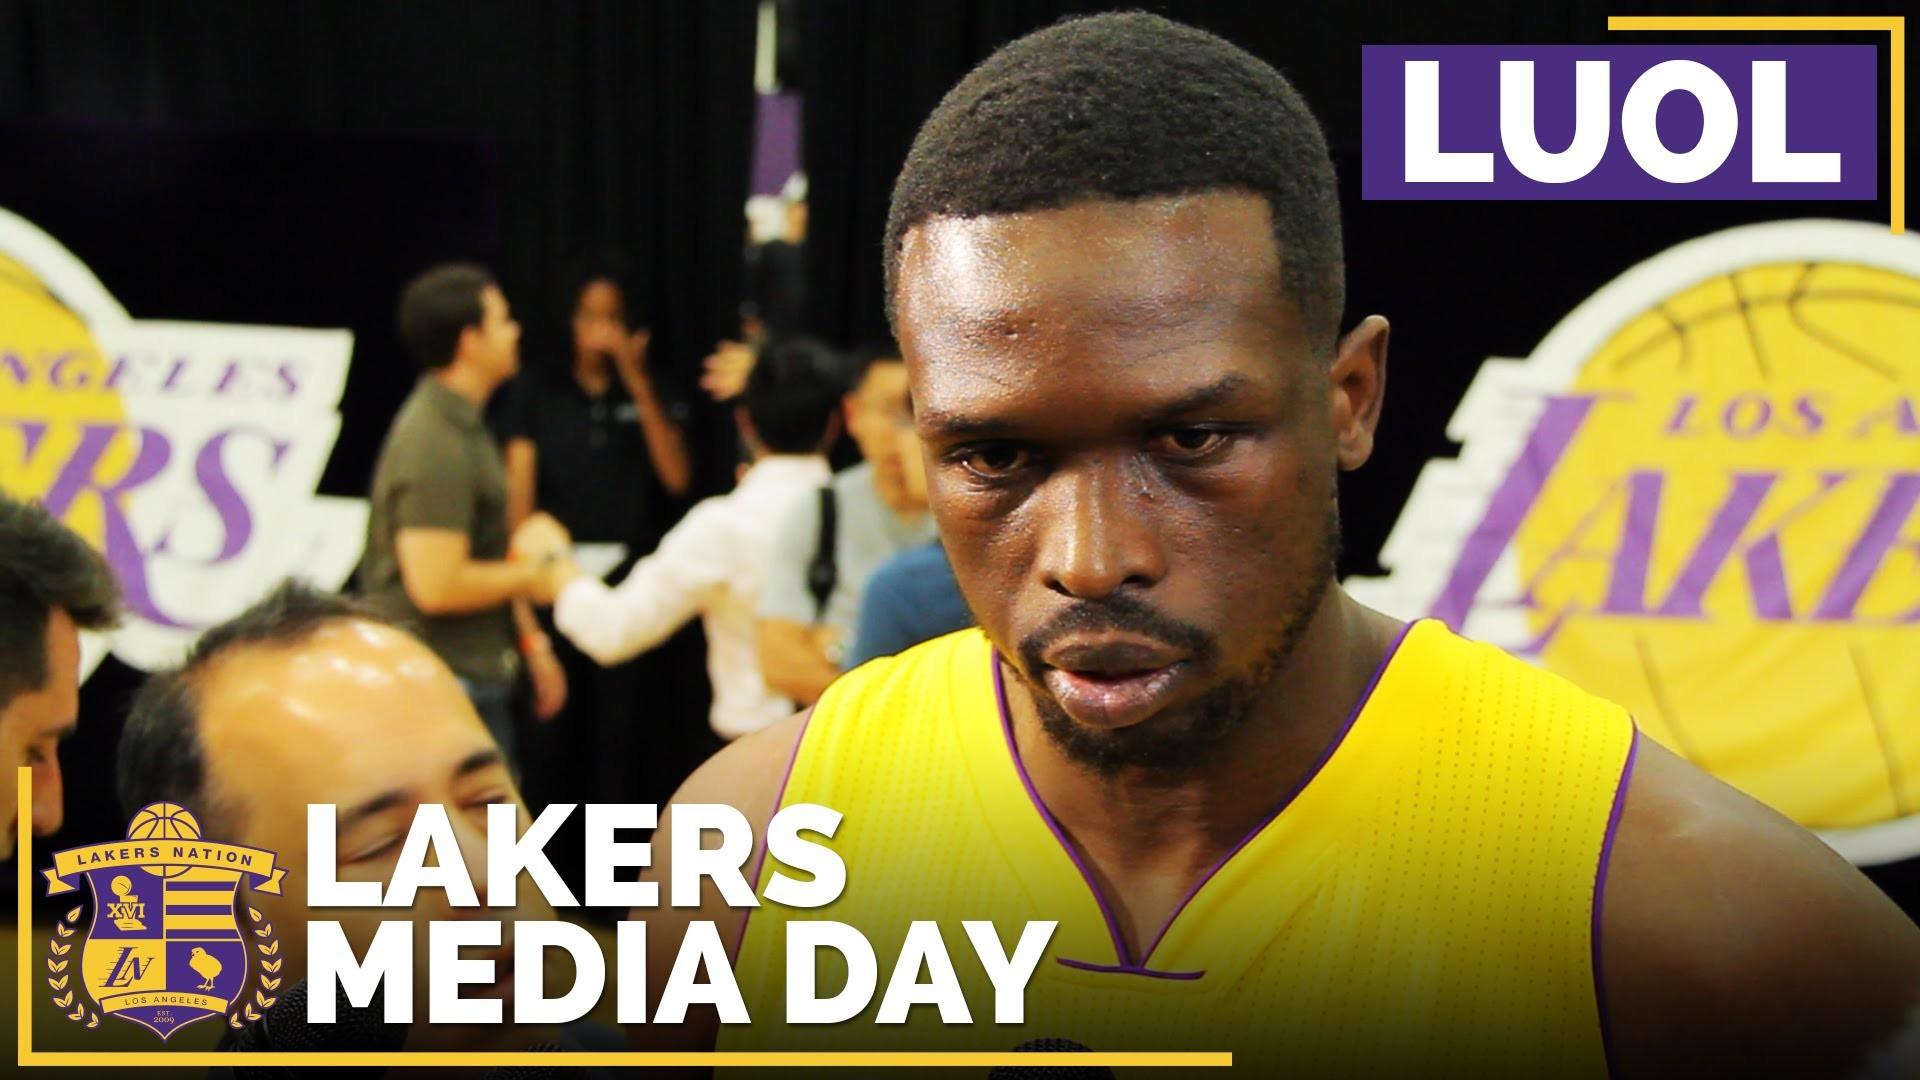 Lakers Media Day 2016: Luol Deng On Brandon Ingram, New Atmosphere – YouTube